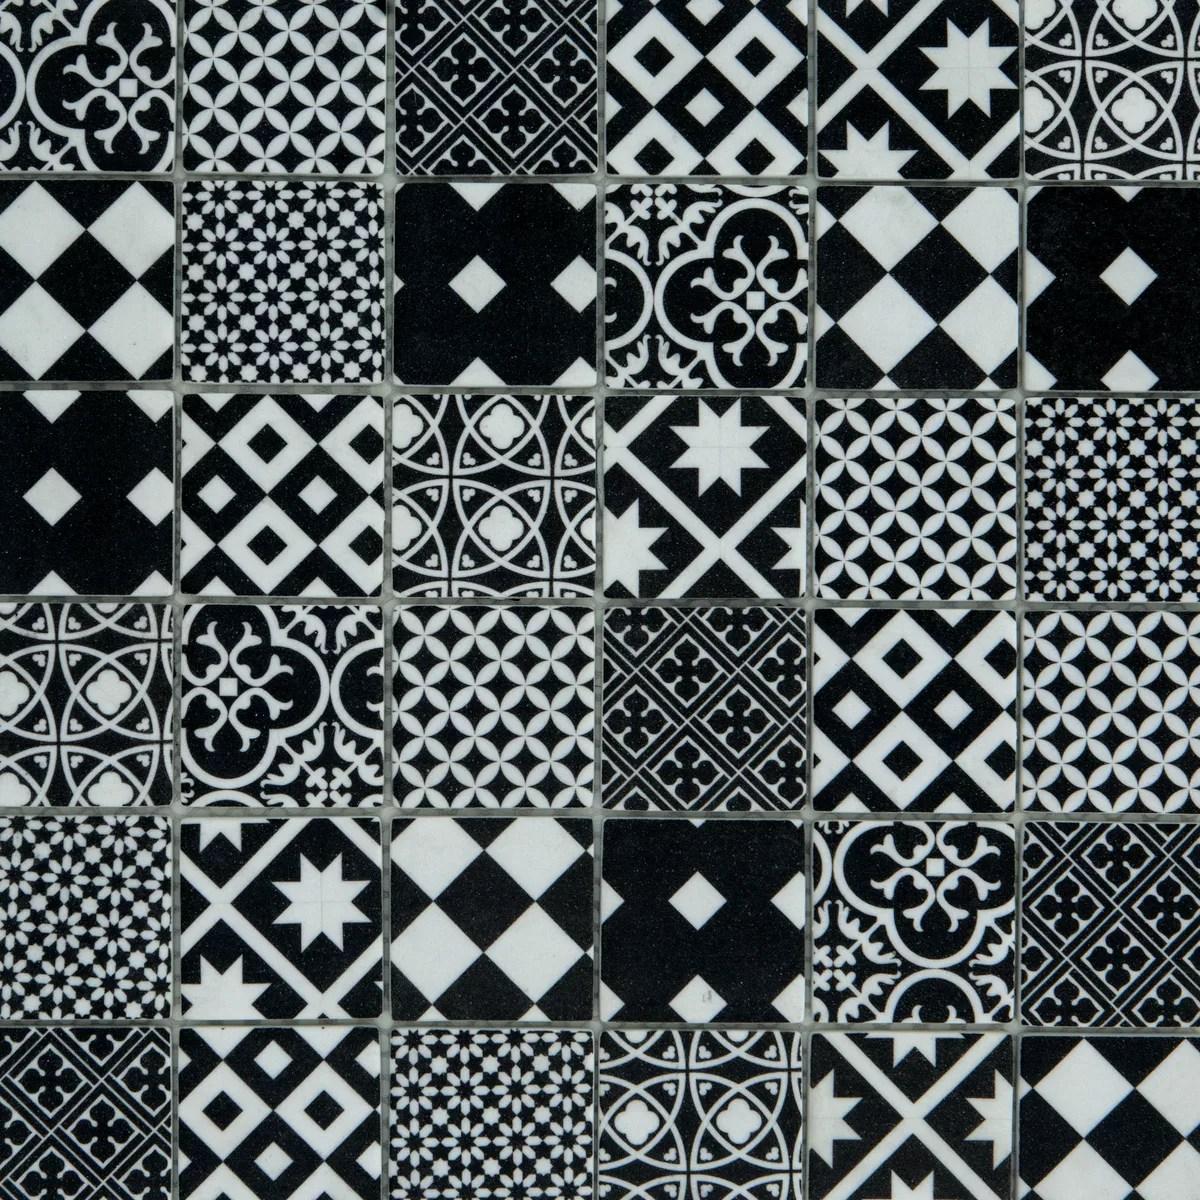 Piastrella Mosaico Leroy Merlin - Idee per interni per la casa, il ...